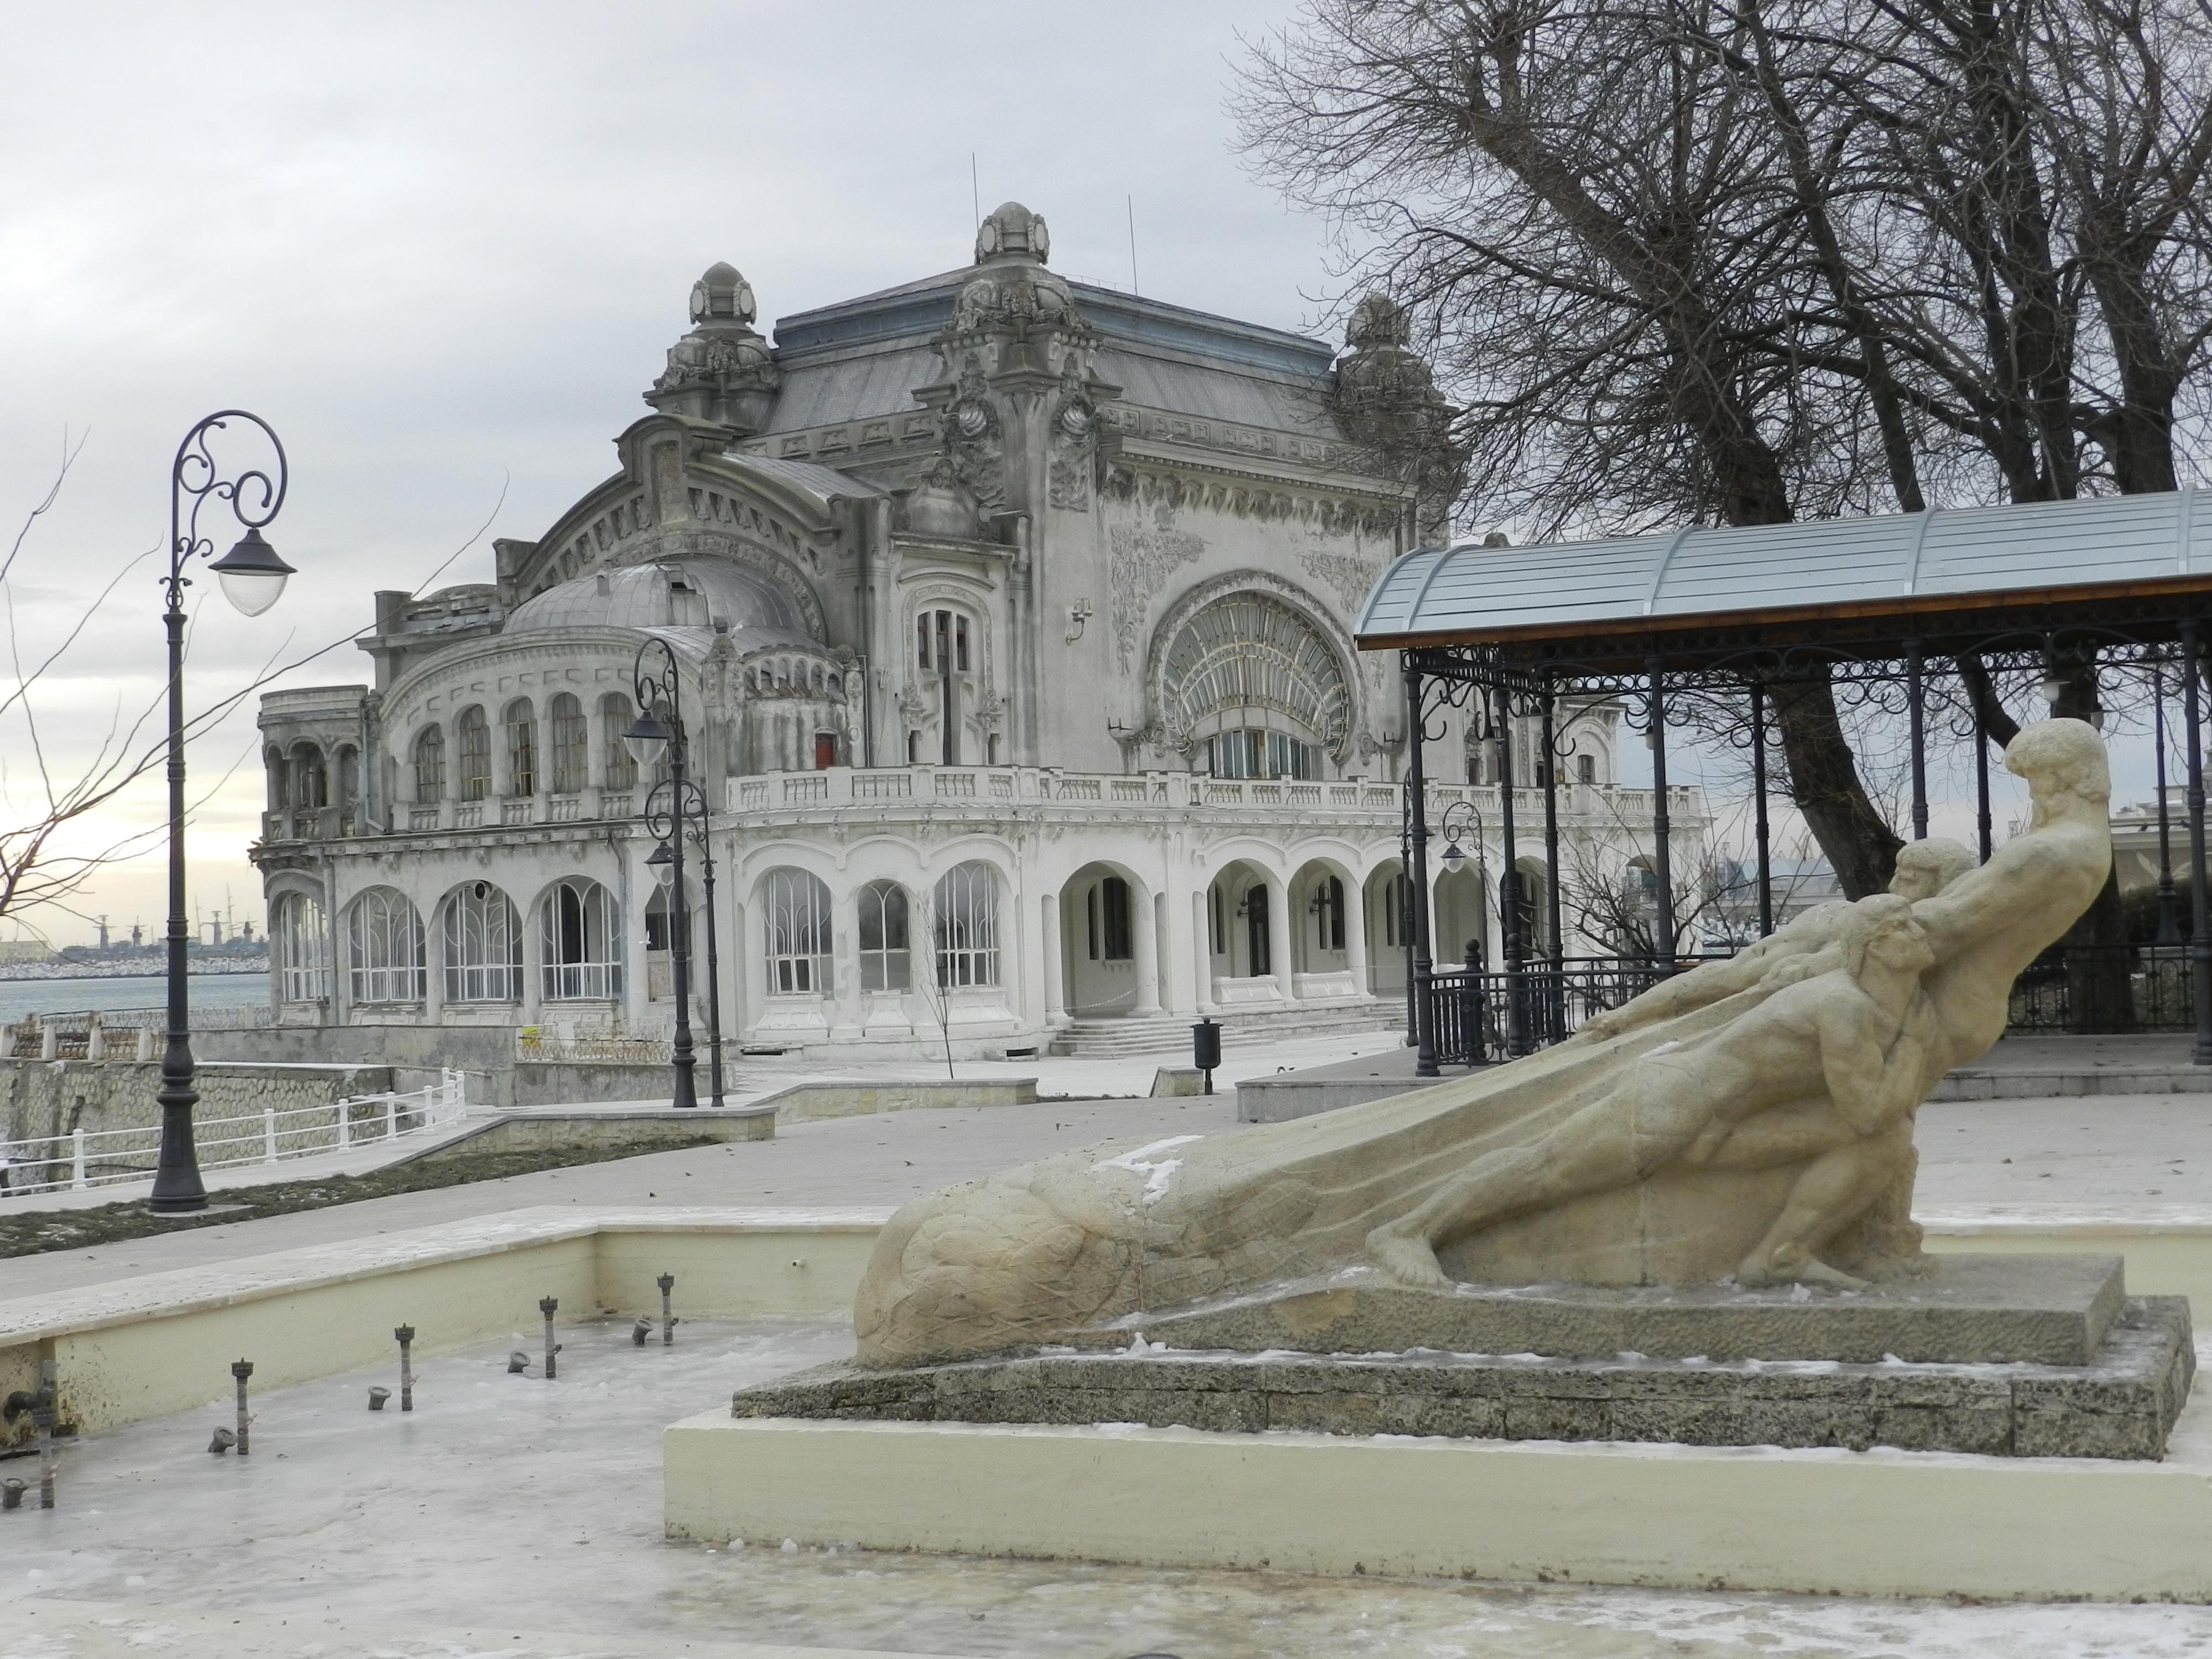 Contestațiile repetate amână salvarea Cazinoului din Constanța deși au fost alocate  10 milioane de euro pentru restaurare 6